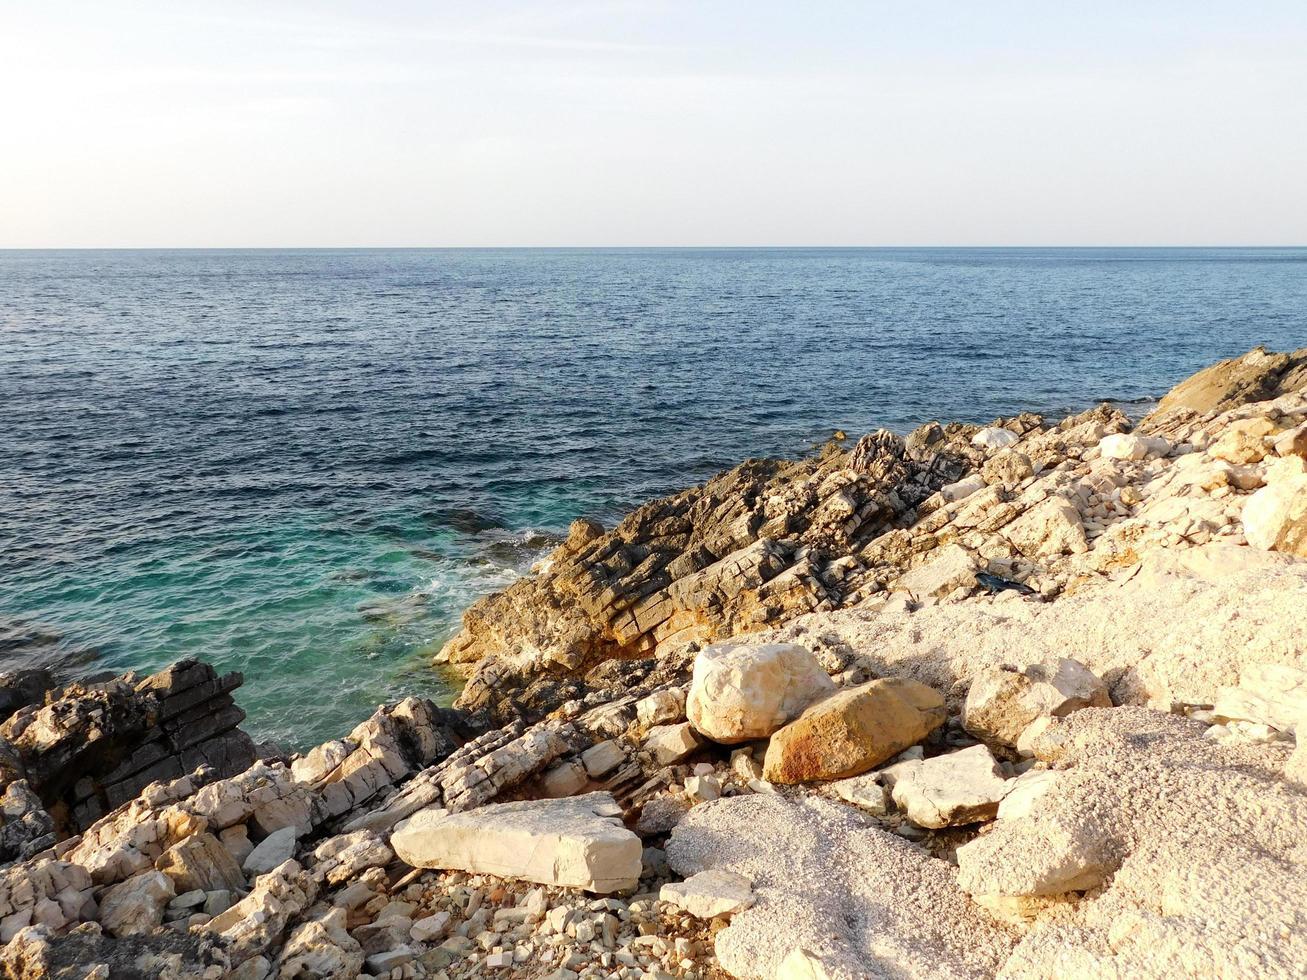 costa rocciosa in riva all'oceano foto